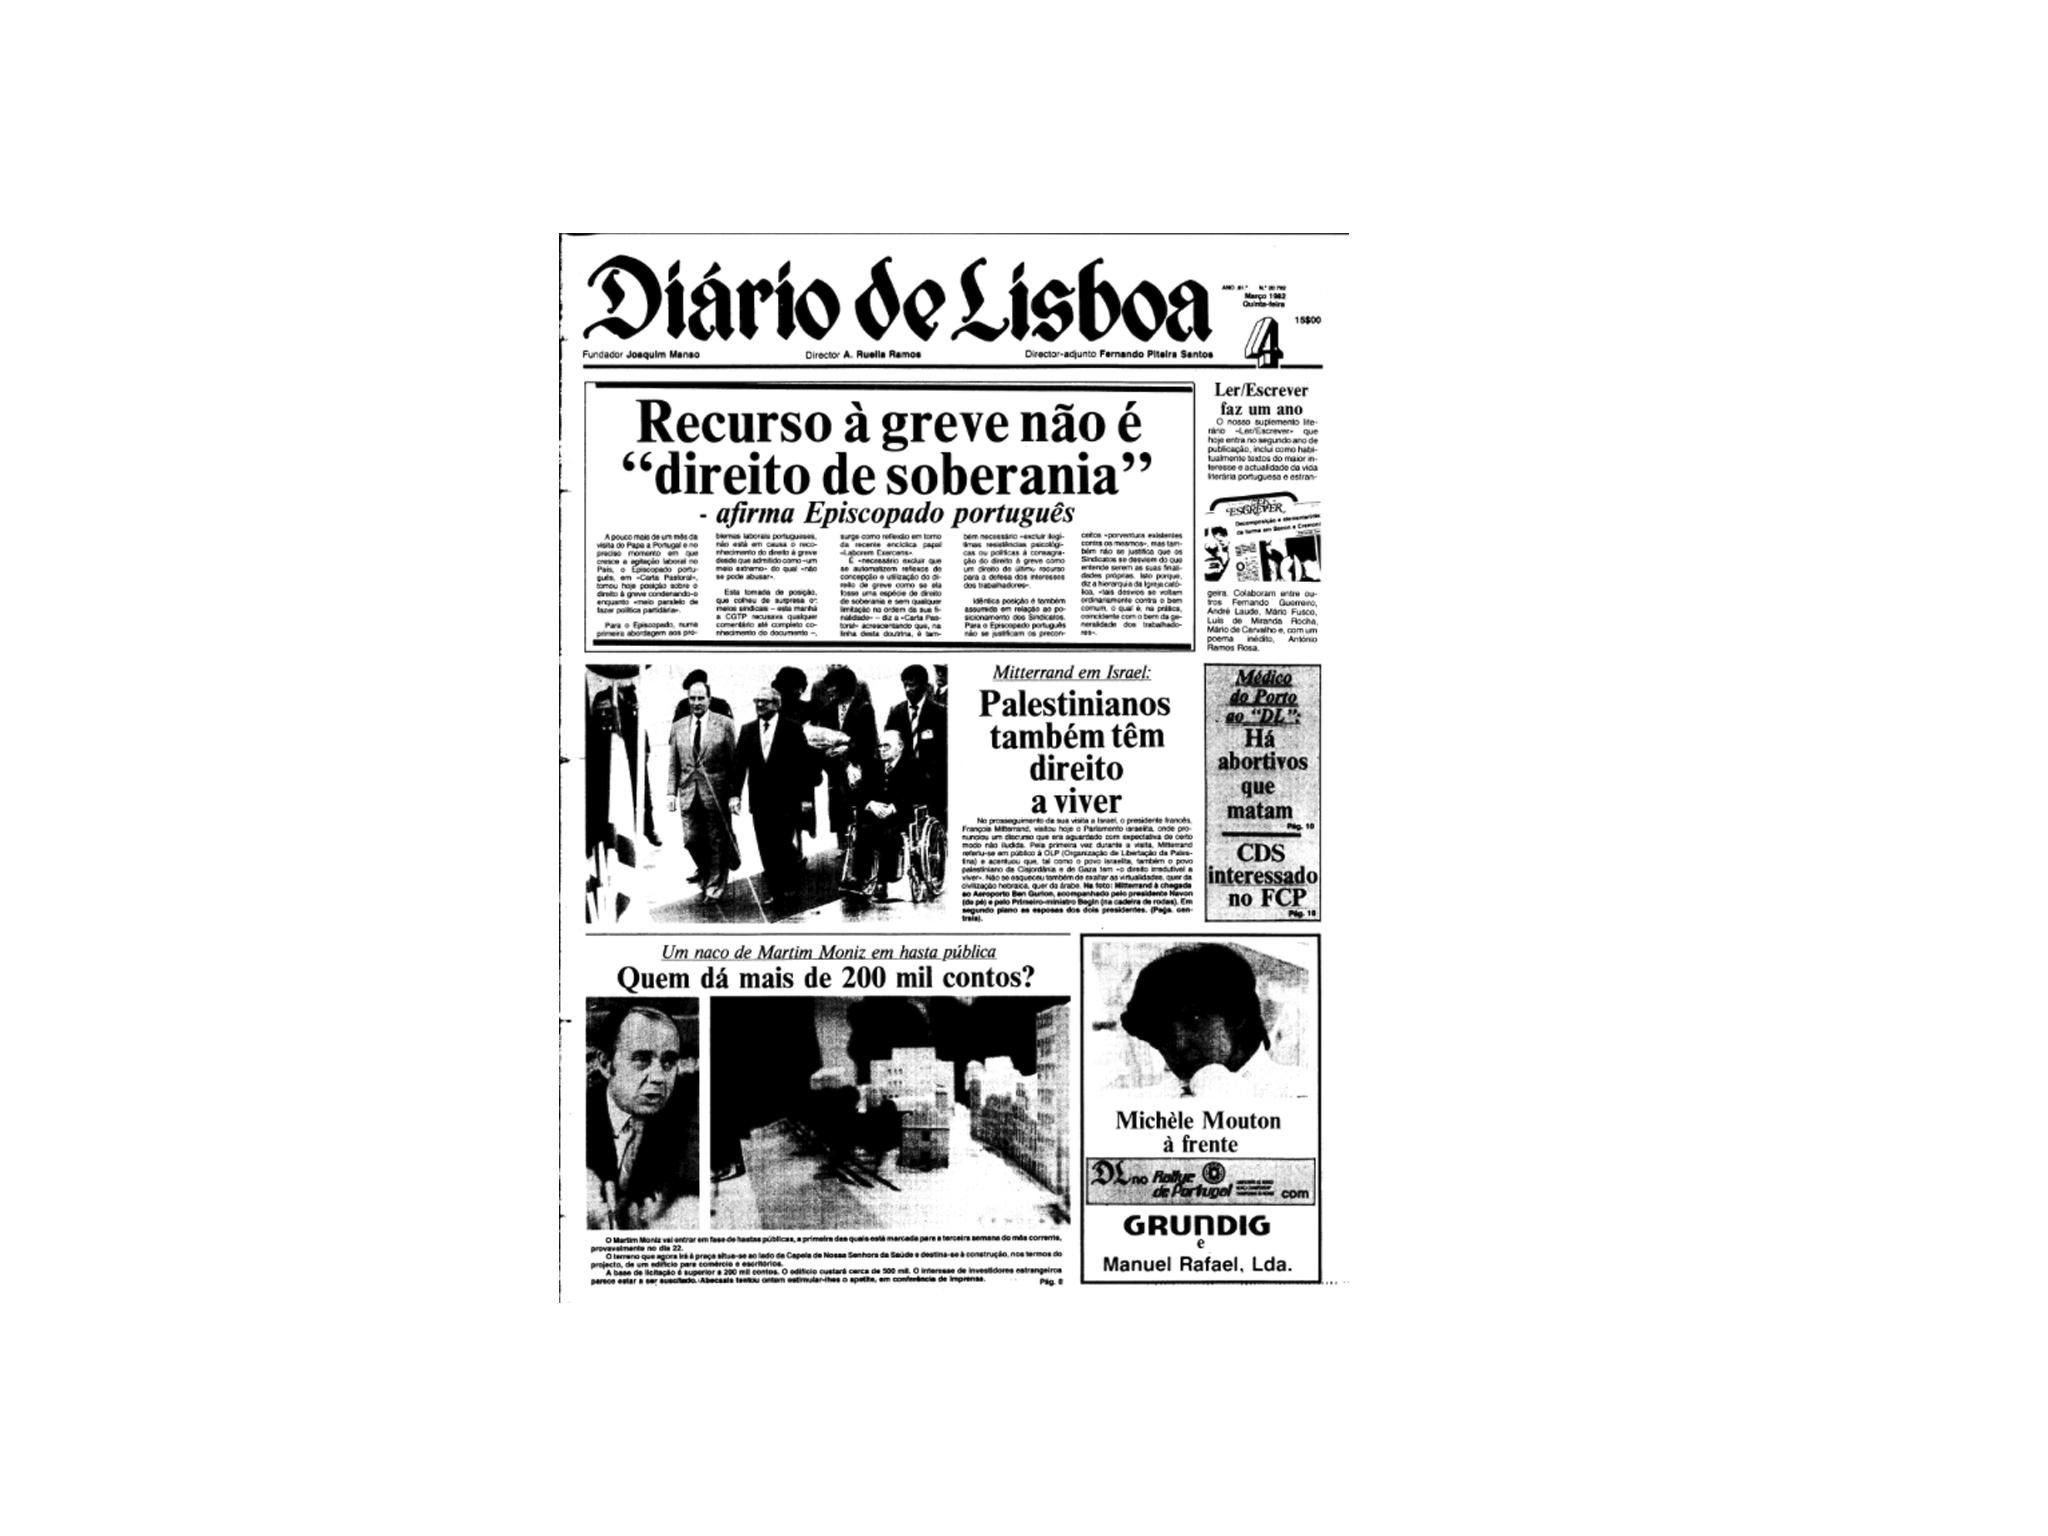 Diário de Lisboa